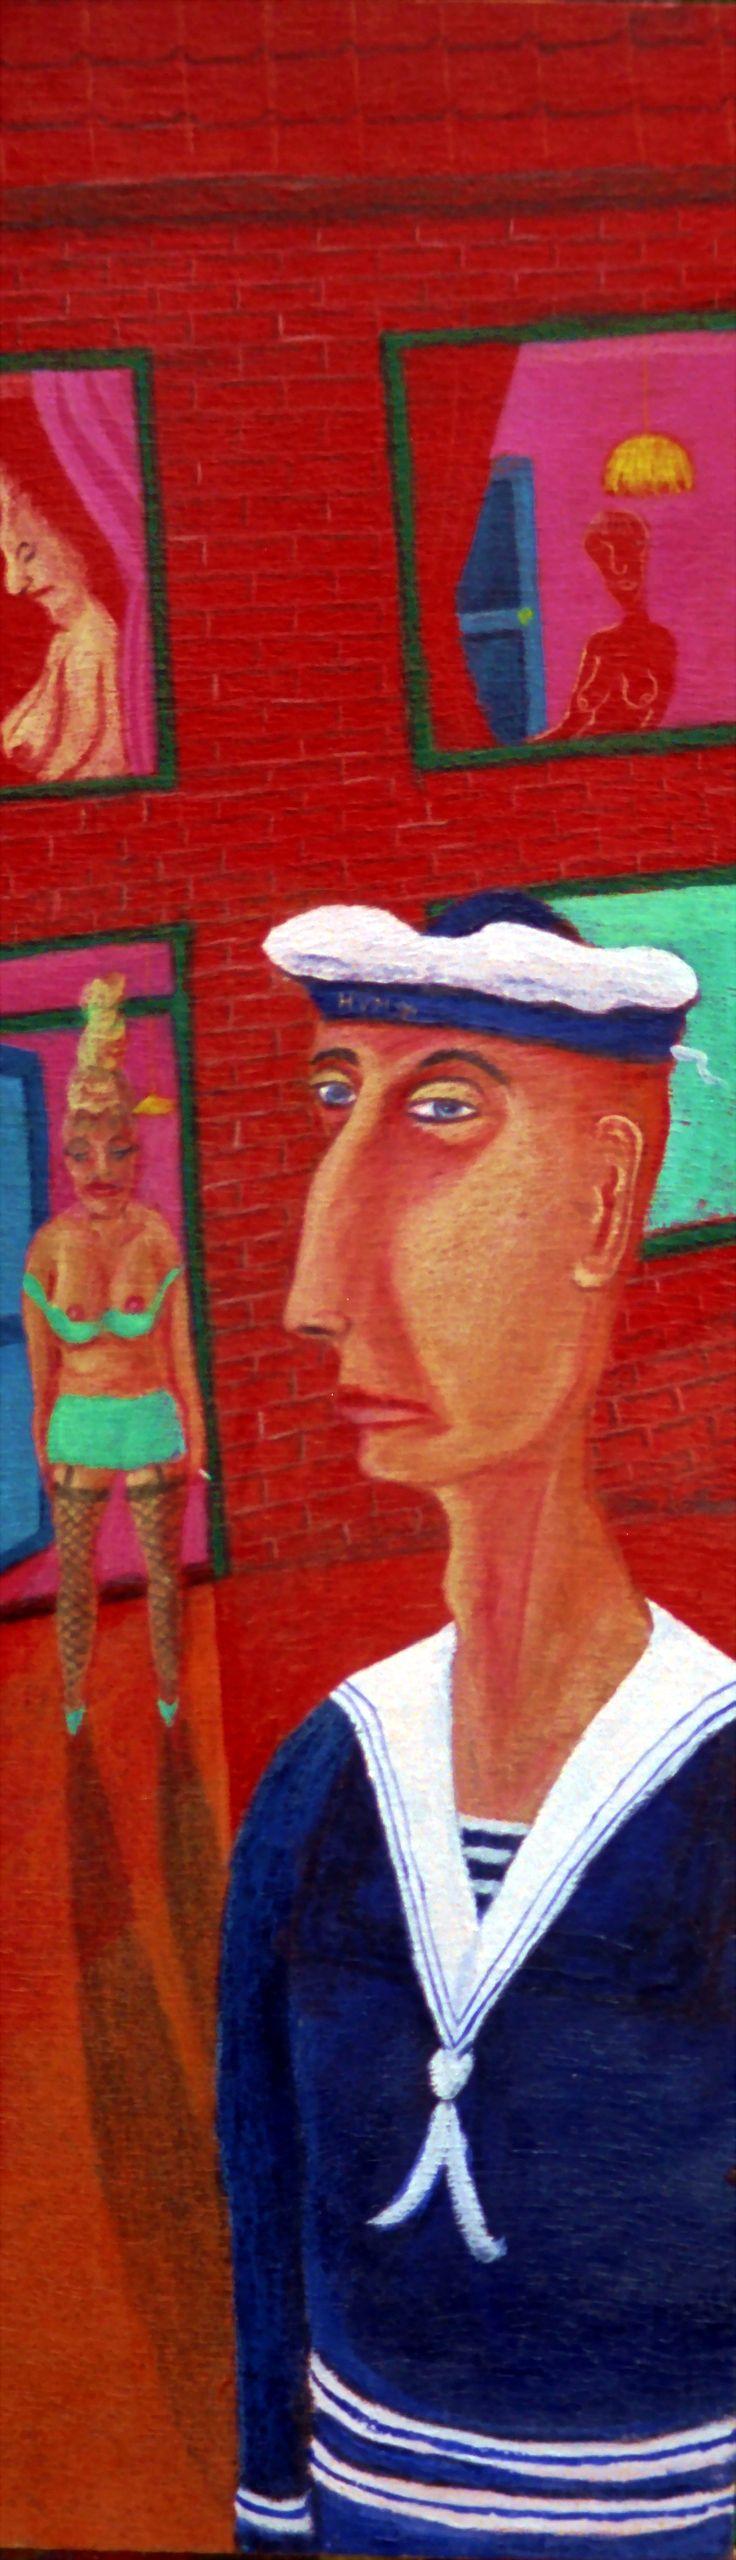 Jannen en Keezen, oil on panel - 43x14 cm - 1994 - ©Henk van Merkom